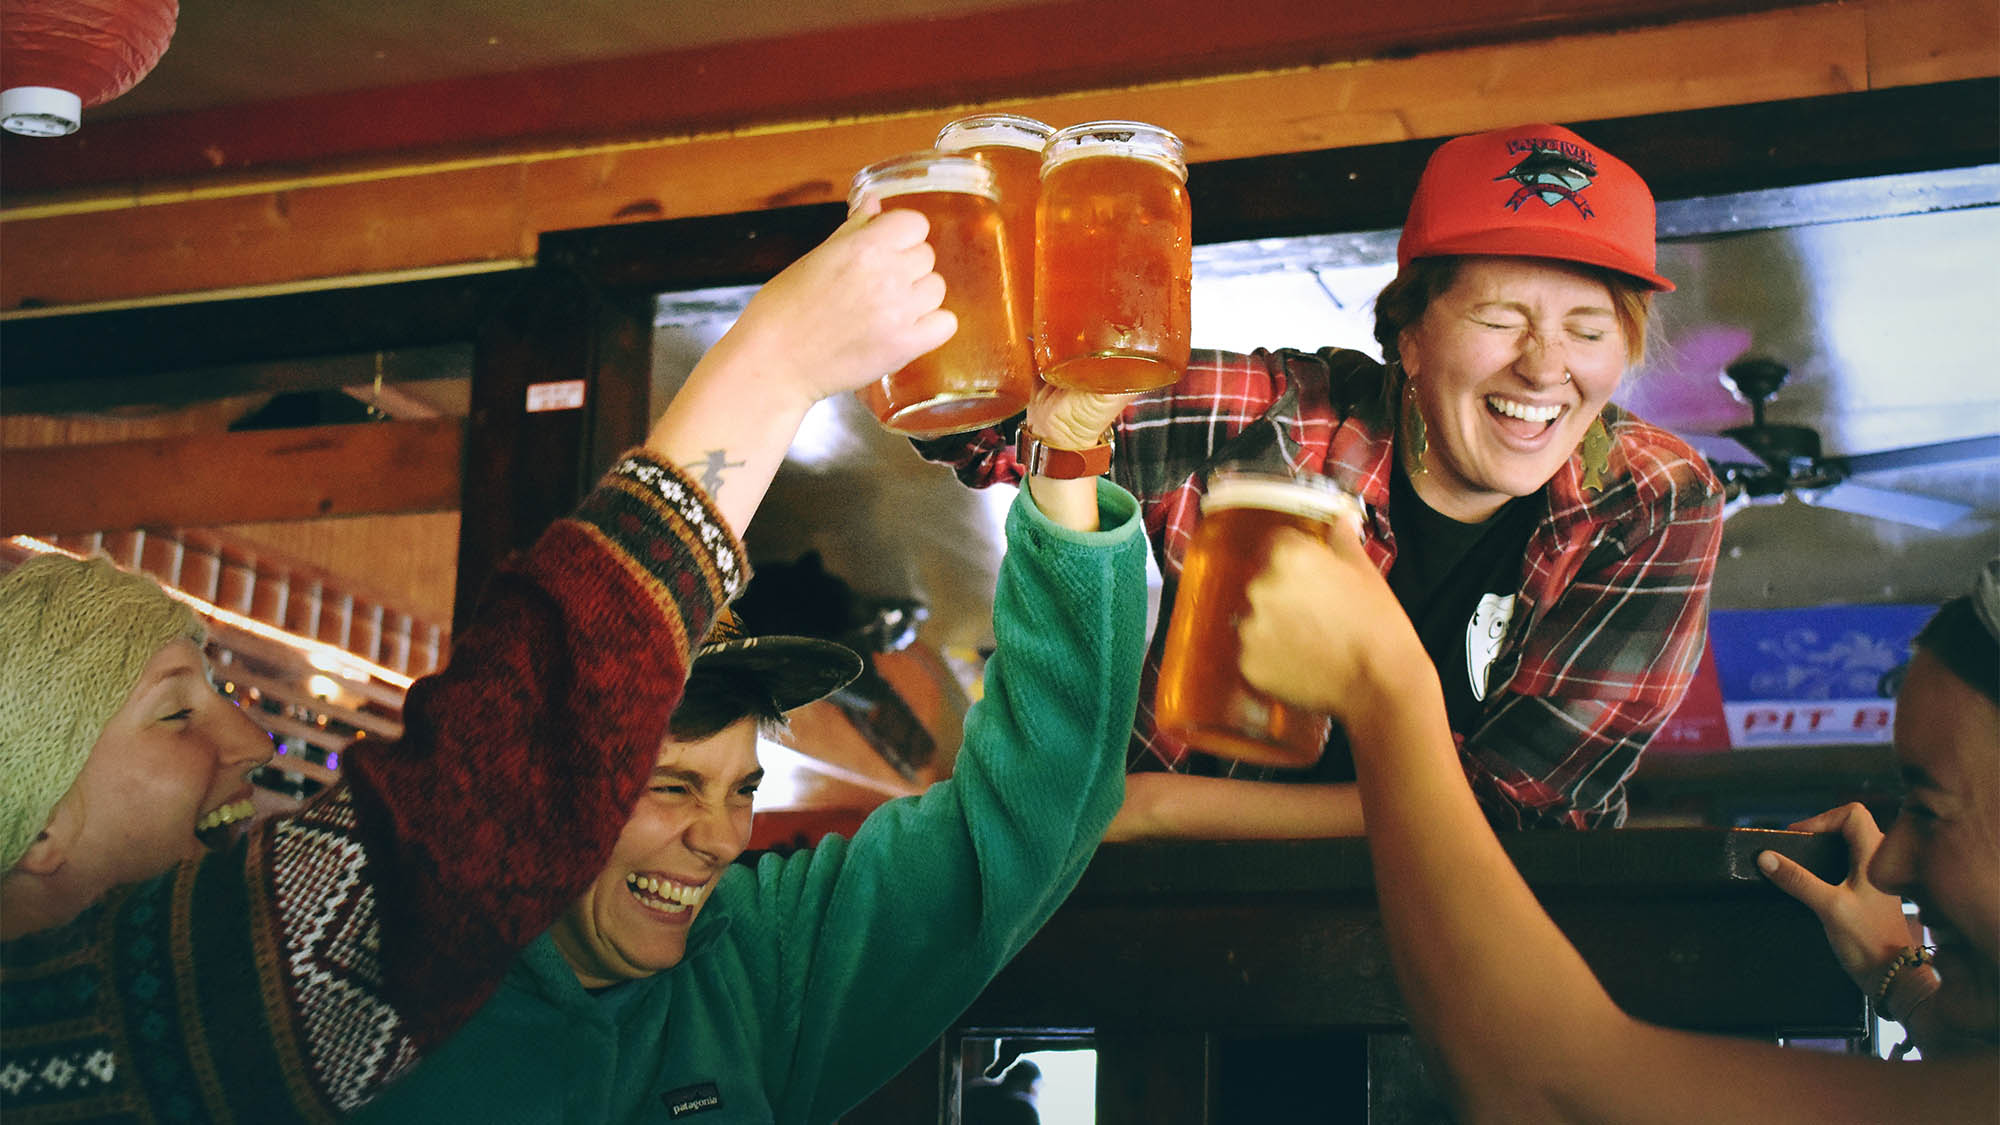 People Cheersing in Bar